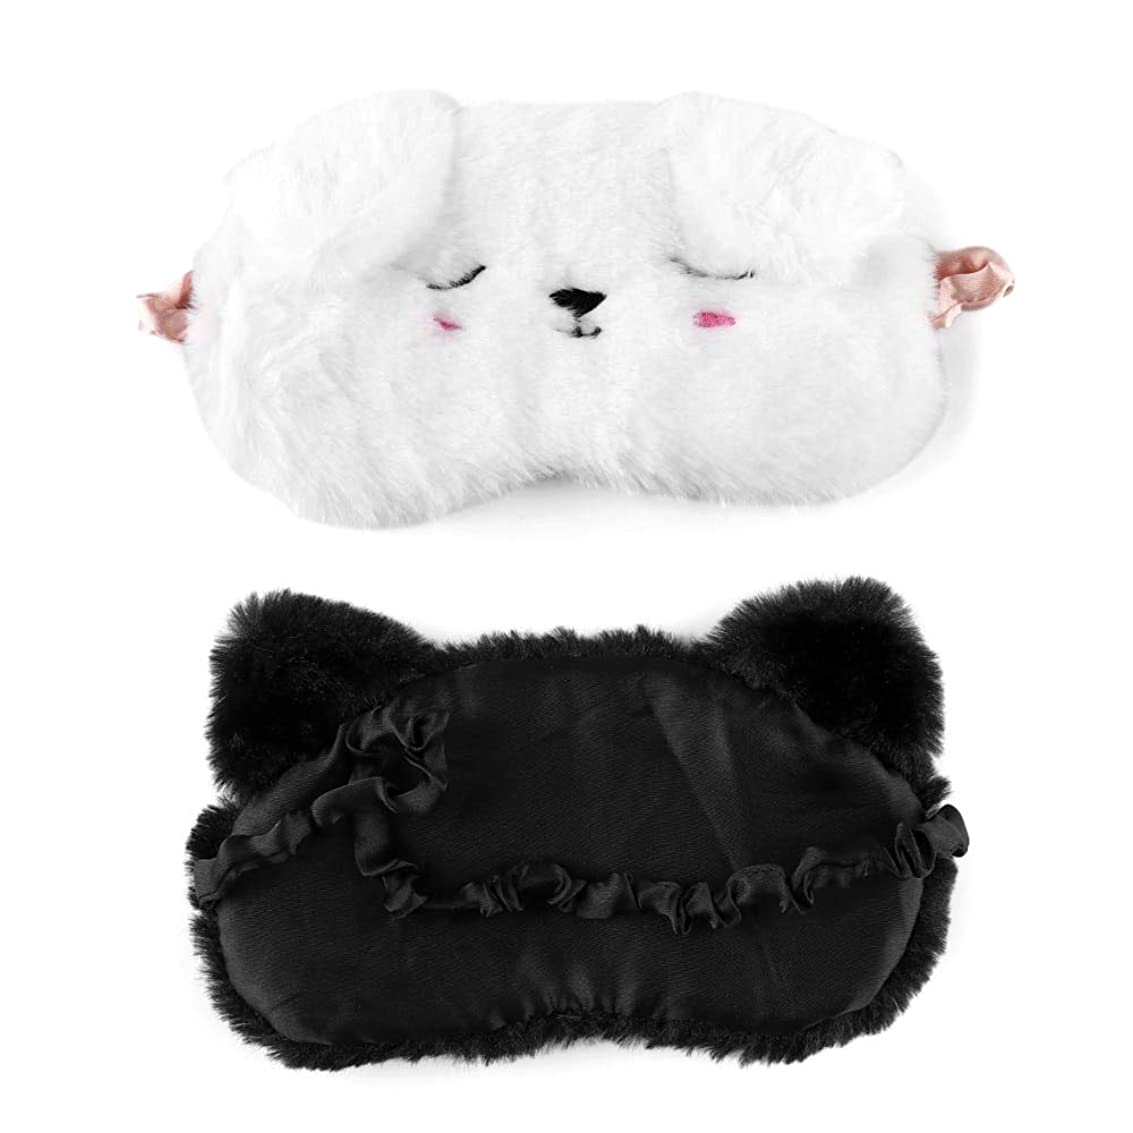 同等の傘低い1ピースかわいい漫画猫白犬アイマスクホーム旅行ゴーグルシェーディング睡眠仮眠目マスクアイシェードシェードカバーパッチアイケアツール